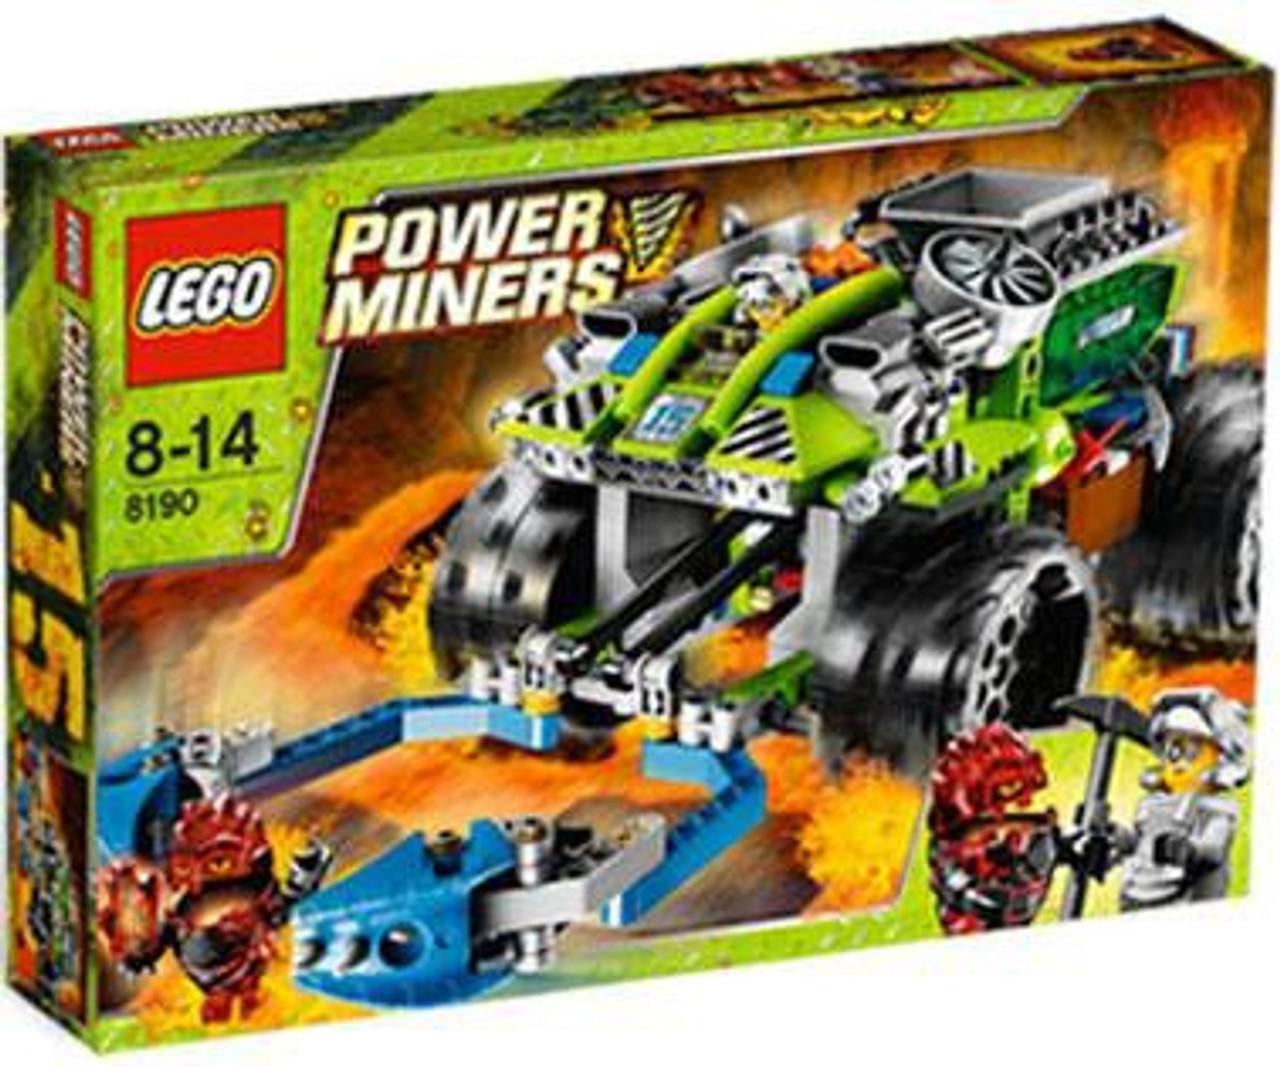 LEGO Power Miners Claw Catcher Set #8190